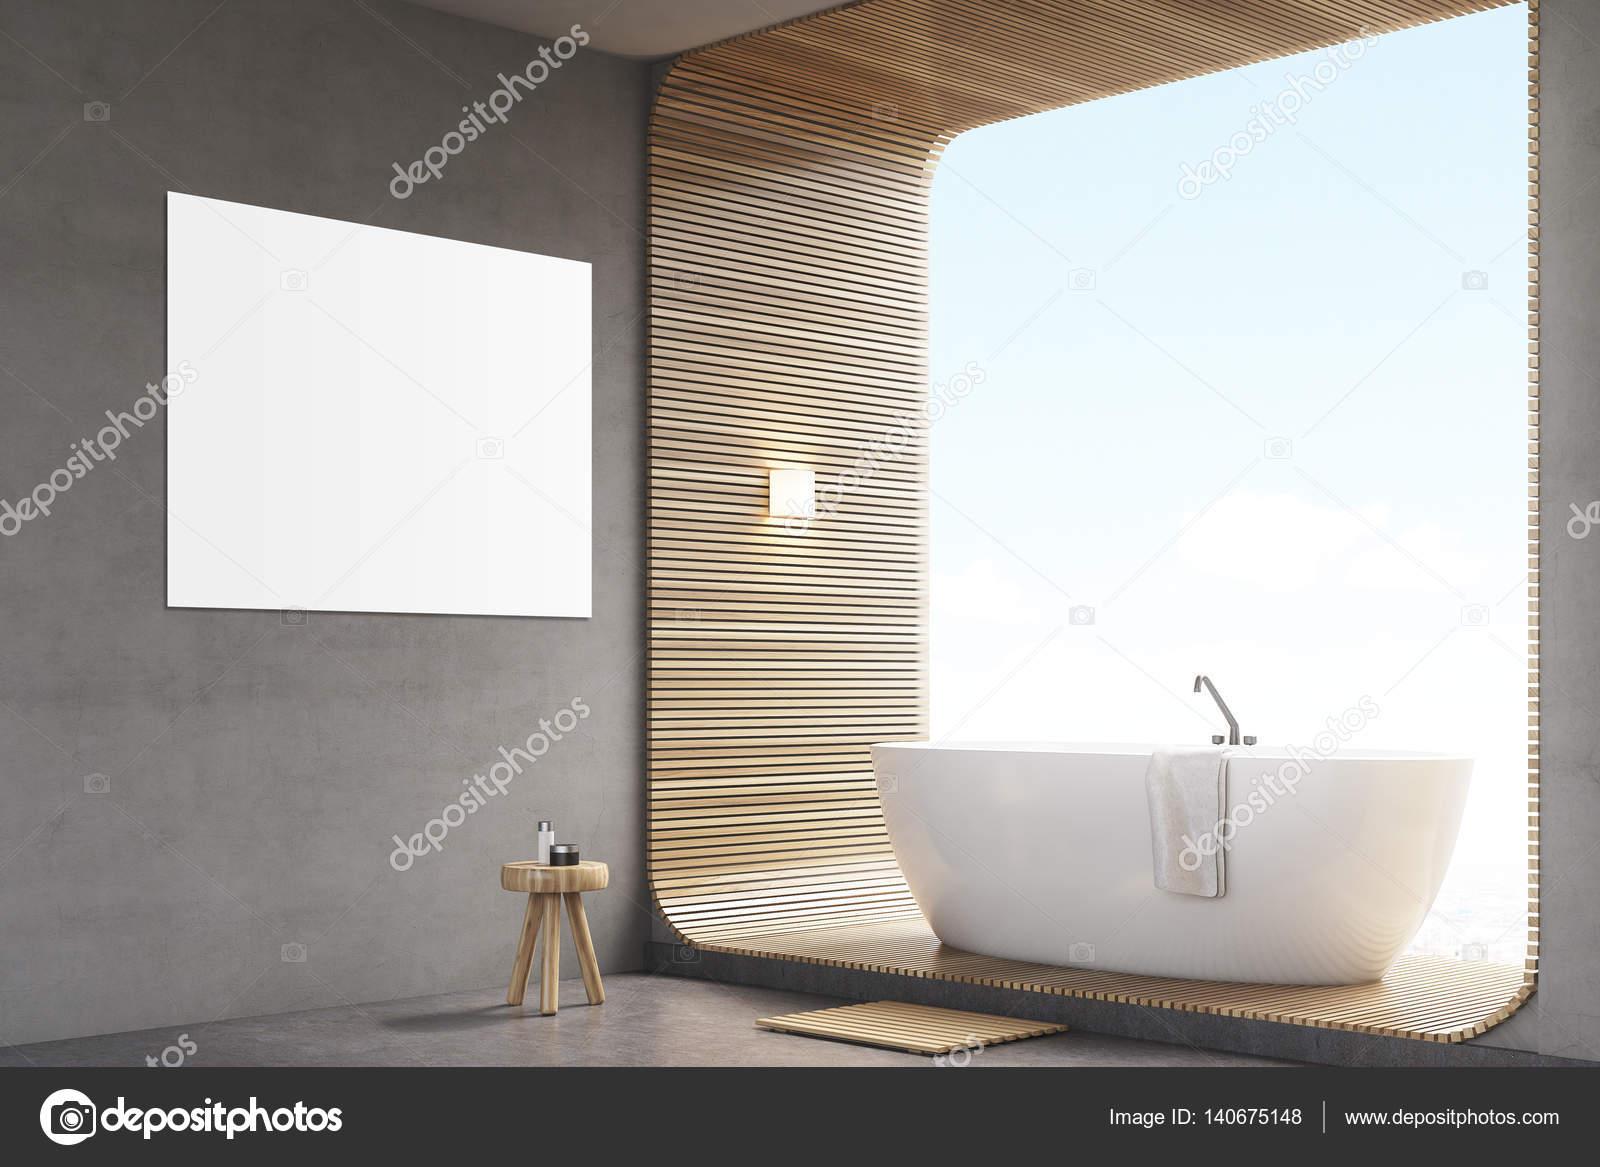 Affiche Salle De Bain ~ salle de bain avec une affiche sur le mur gris et affiche